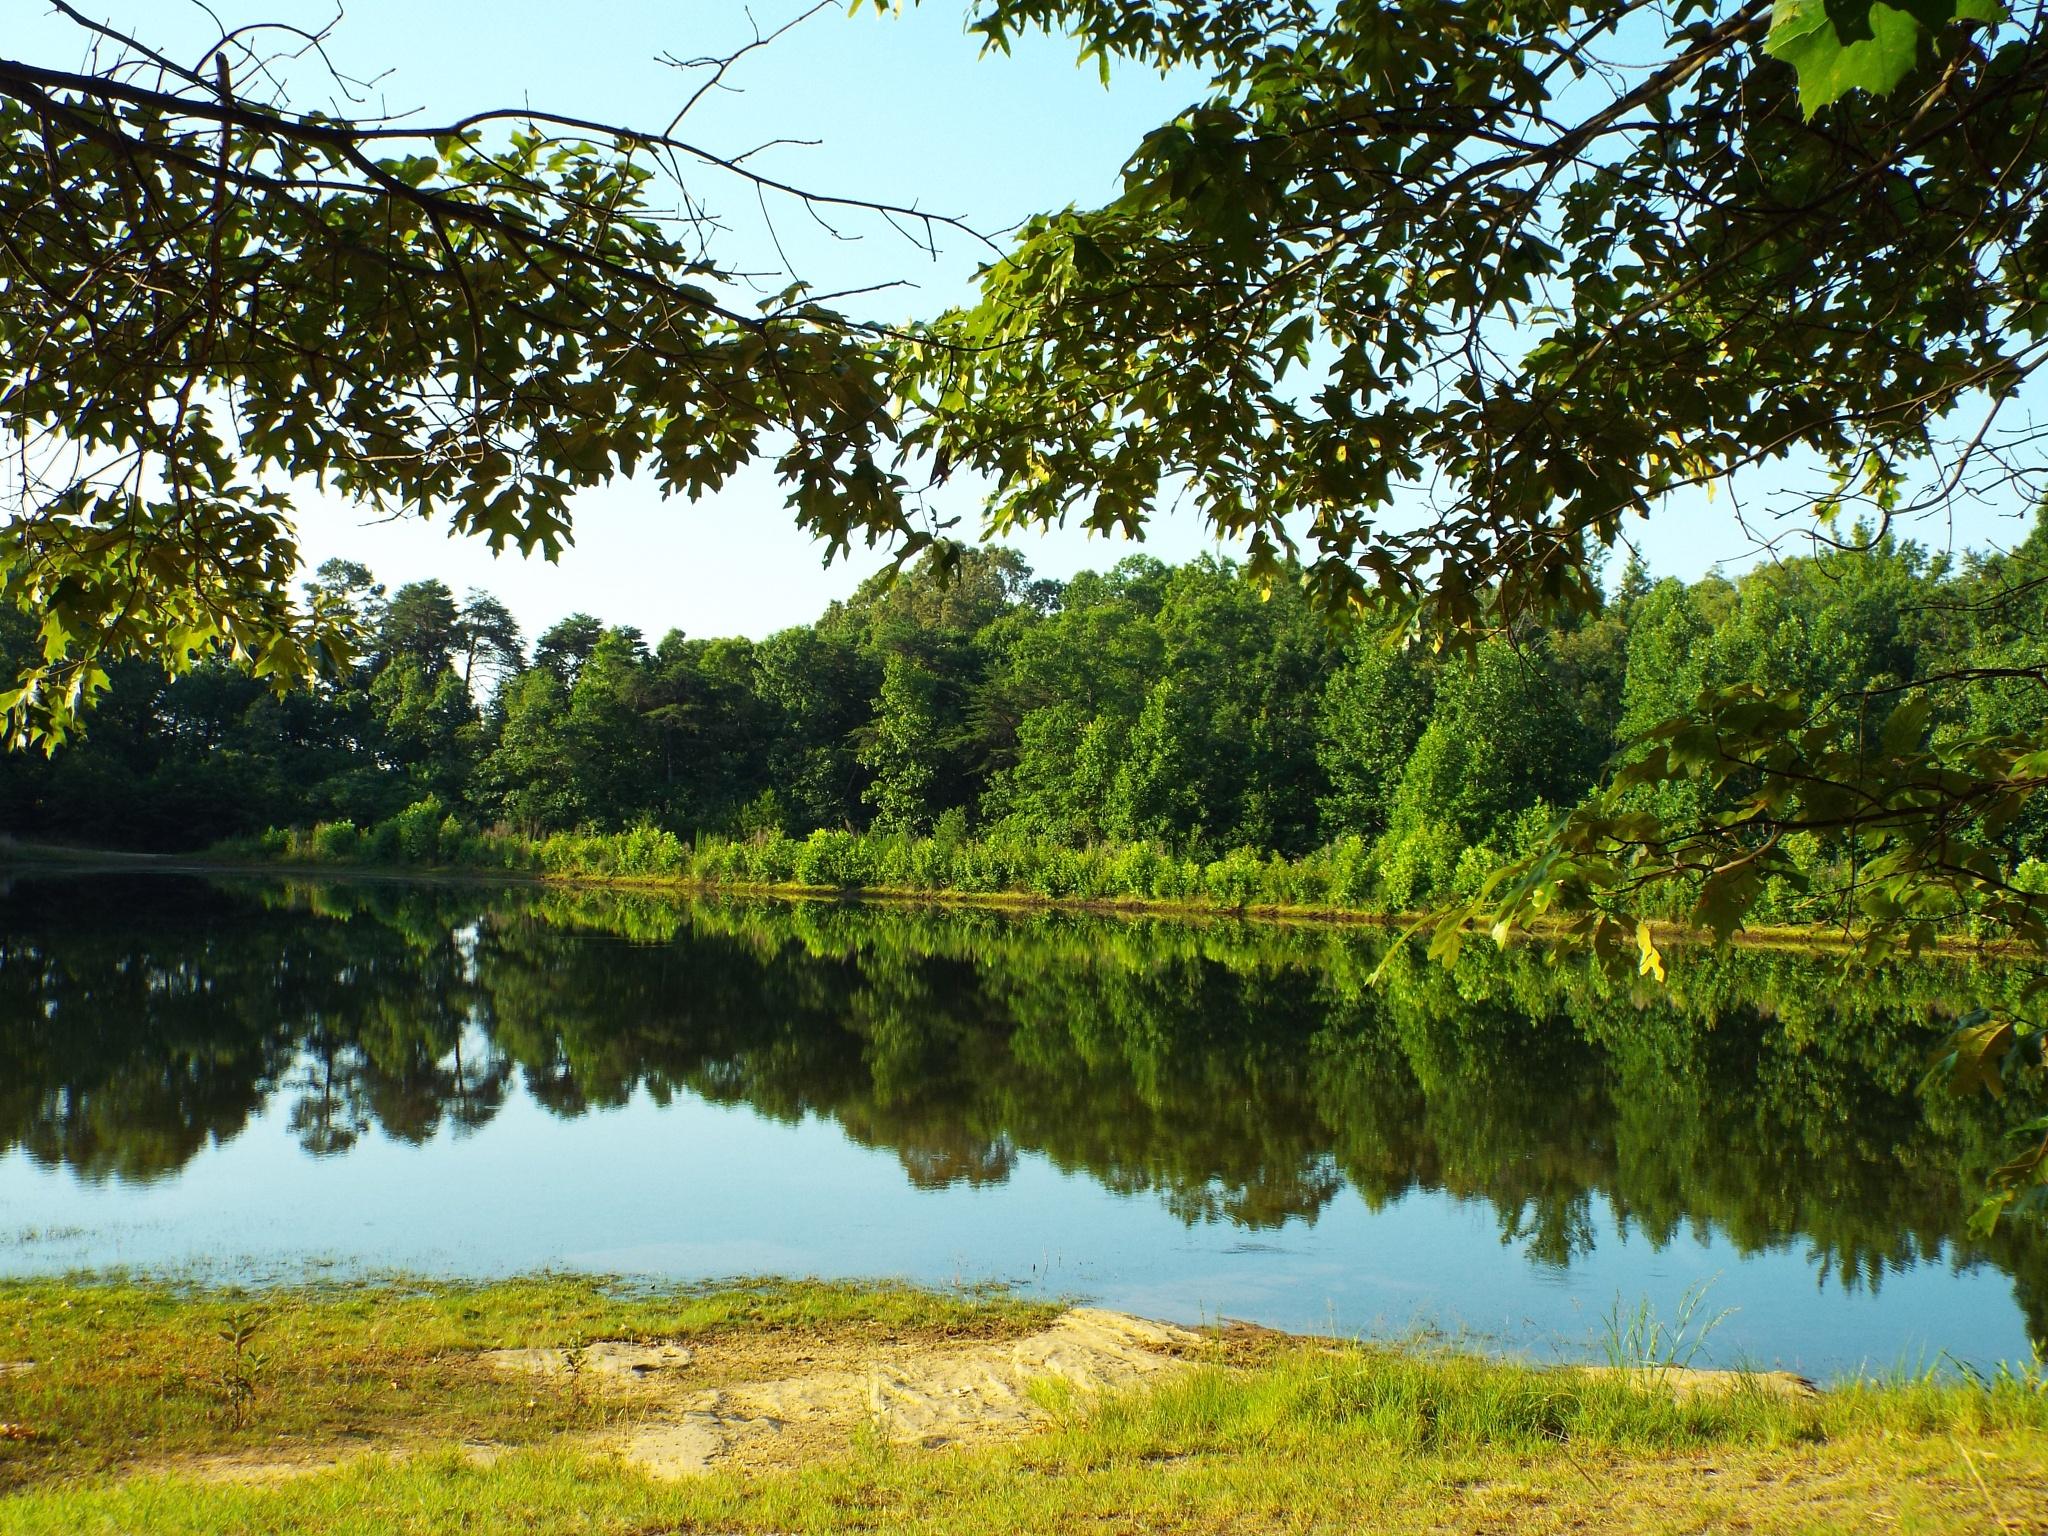 Serenity Lake  by Alex Ingram